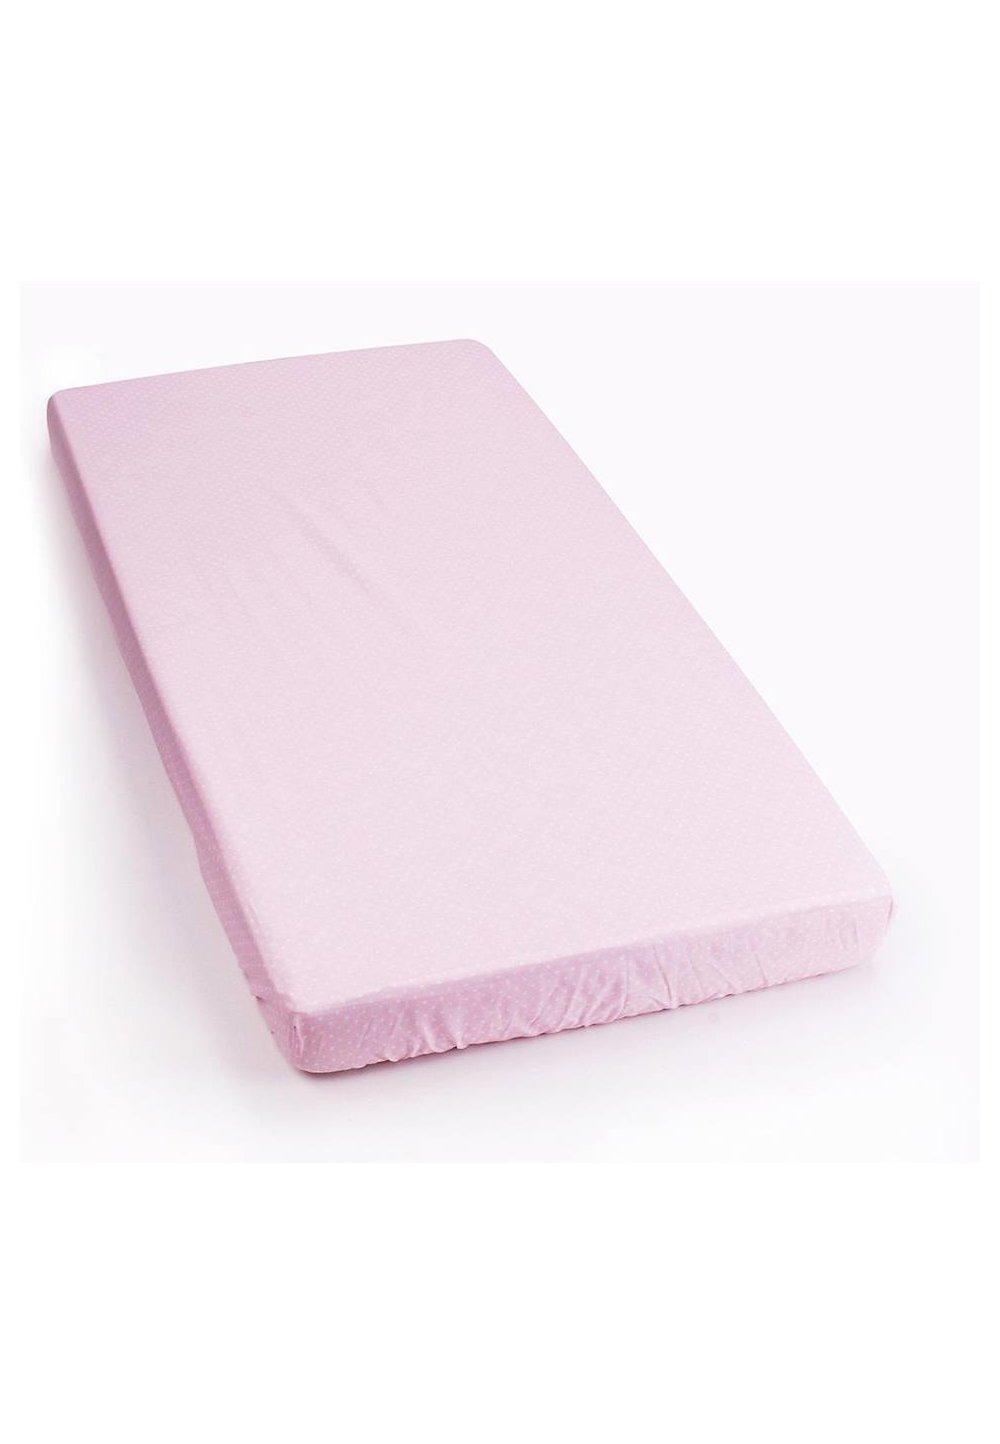 Cearceaf cu elastic 120x60cm roz cu buline imagine